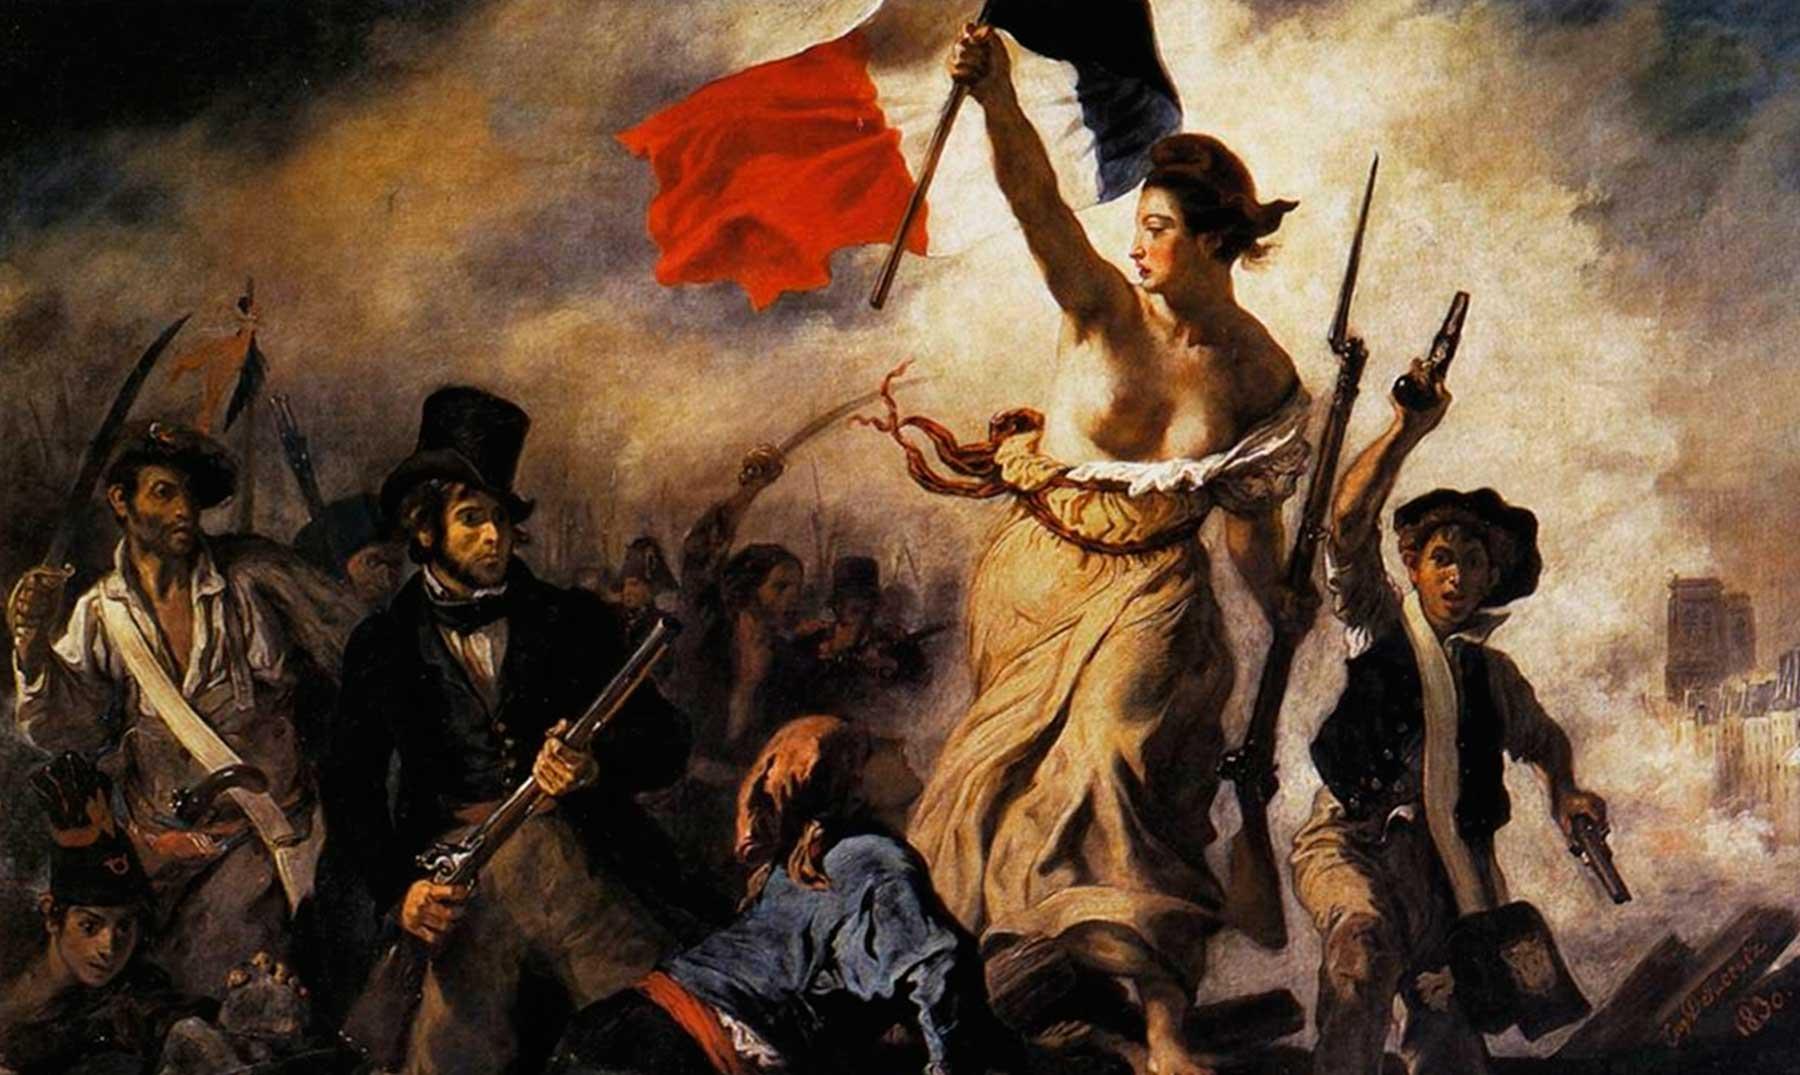 La libertad guiando al pueblo | Significado e importancia en la historia